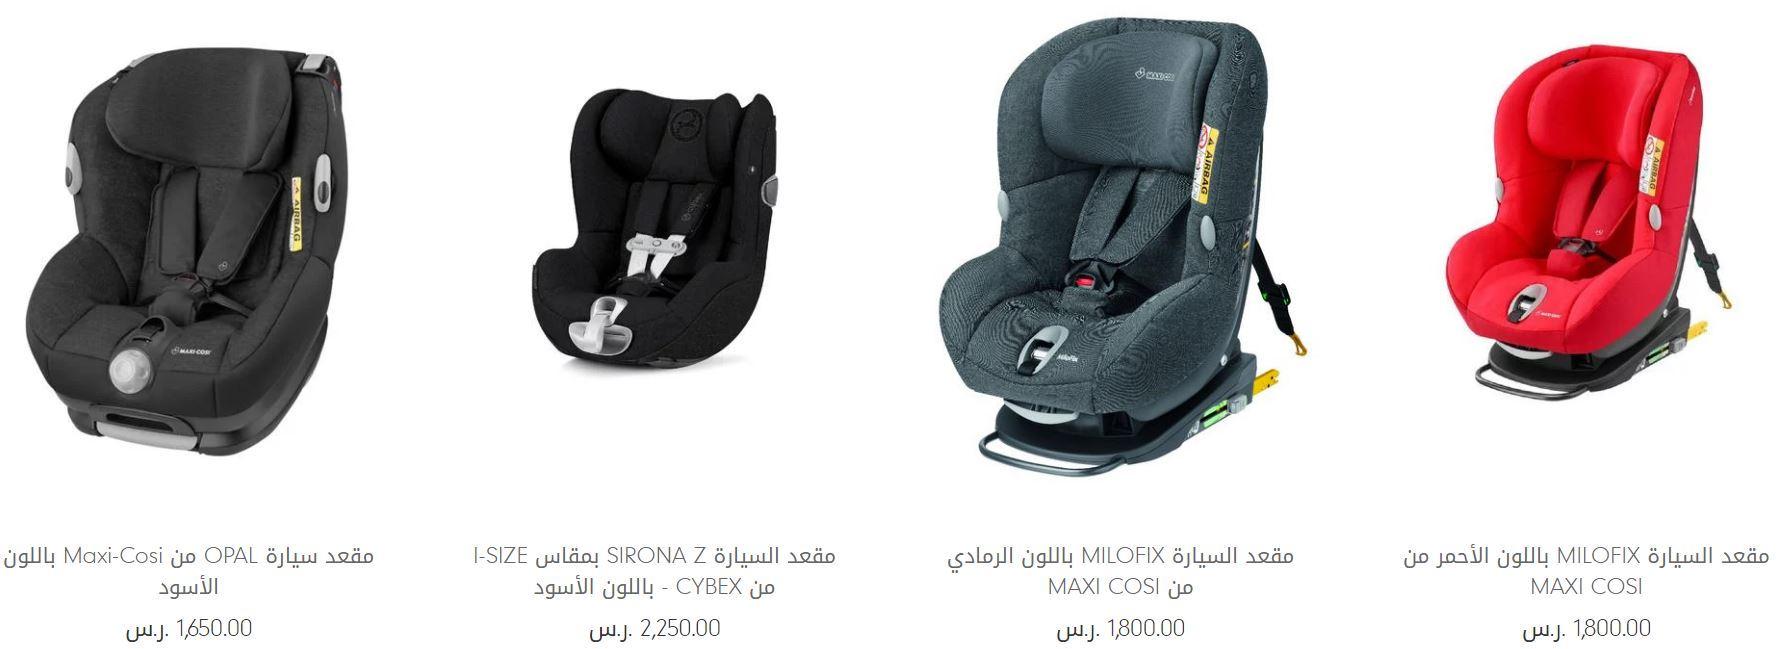 كراسي سيارات اطفال رخيص